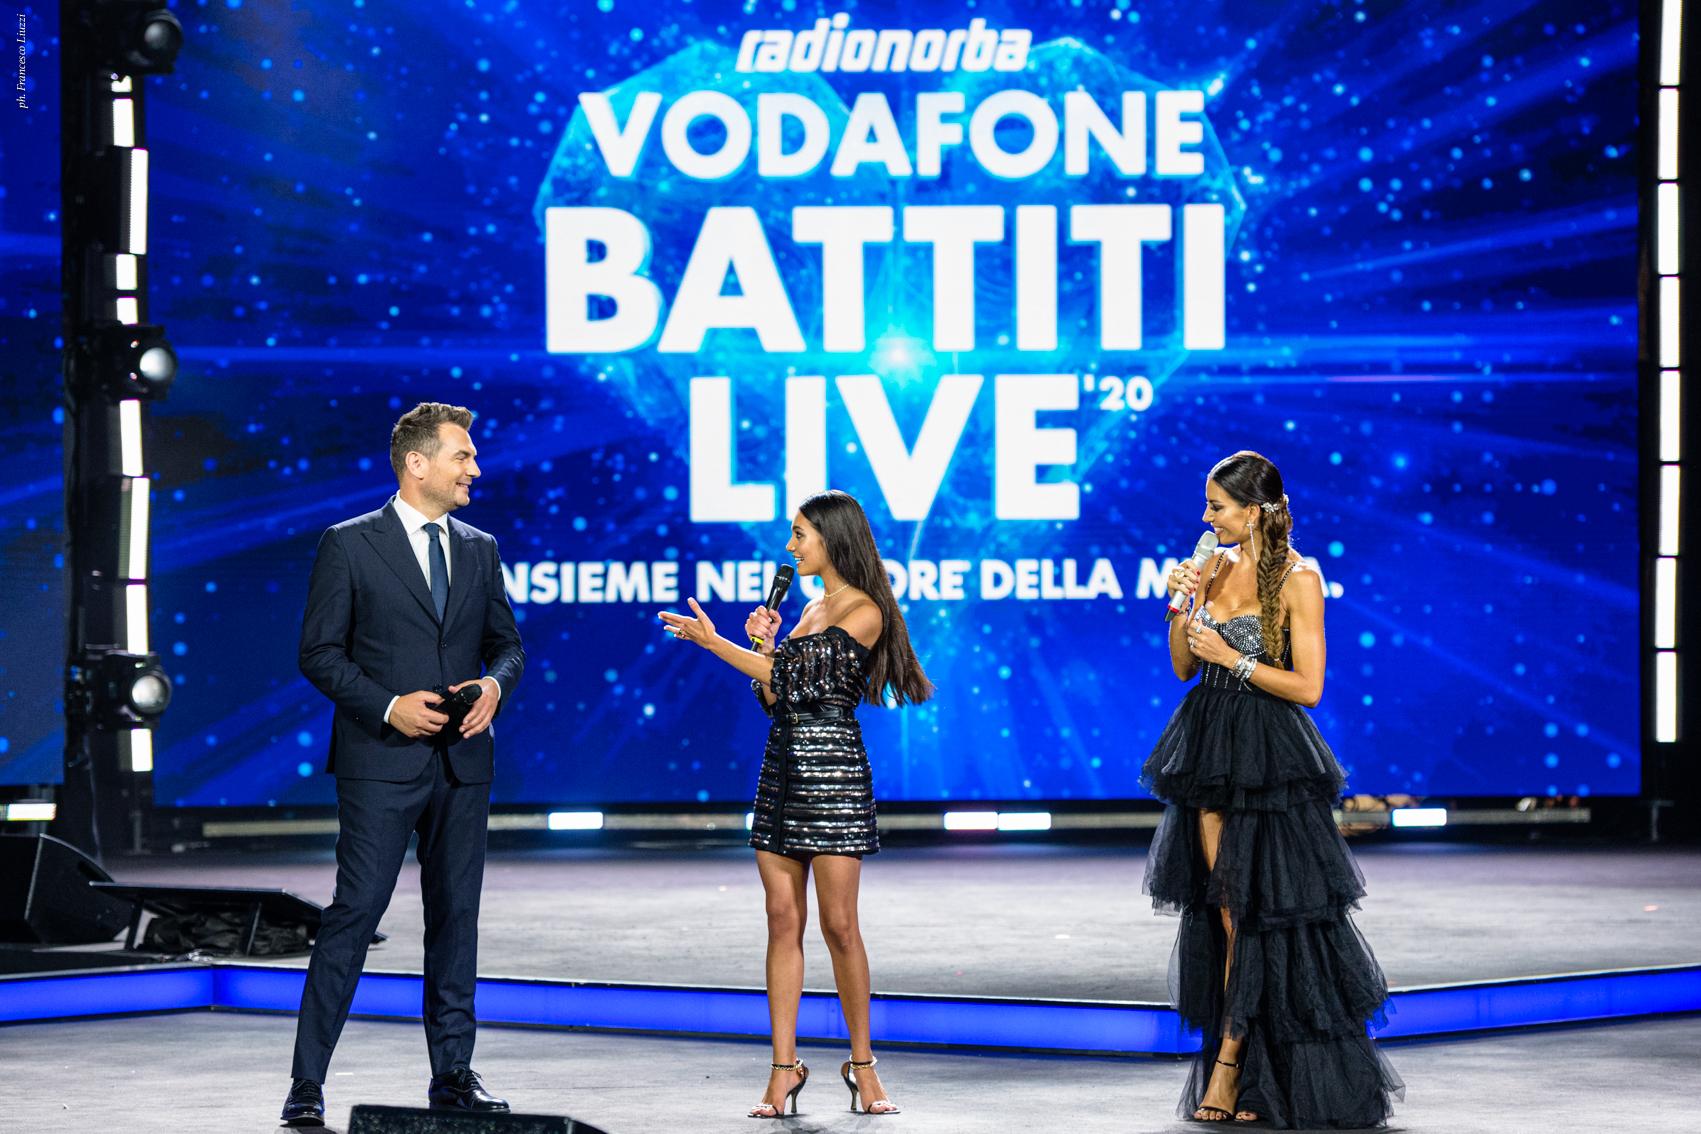 Radionorba Vodafone Battiti Live, questa sera il gran finale su Italia 1 - Radionorba